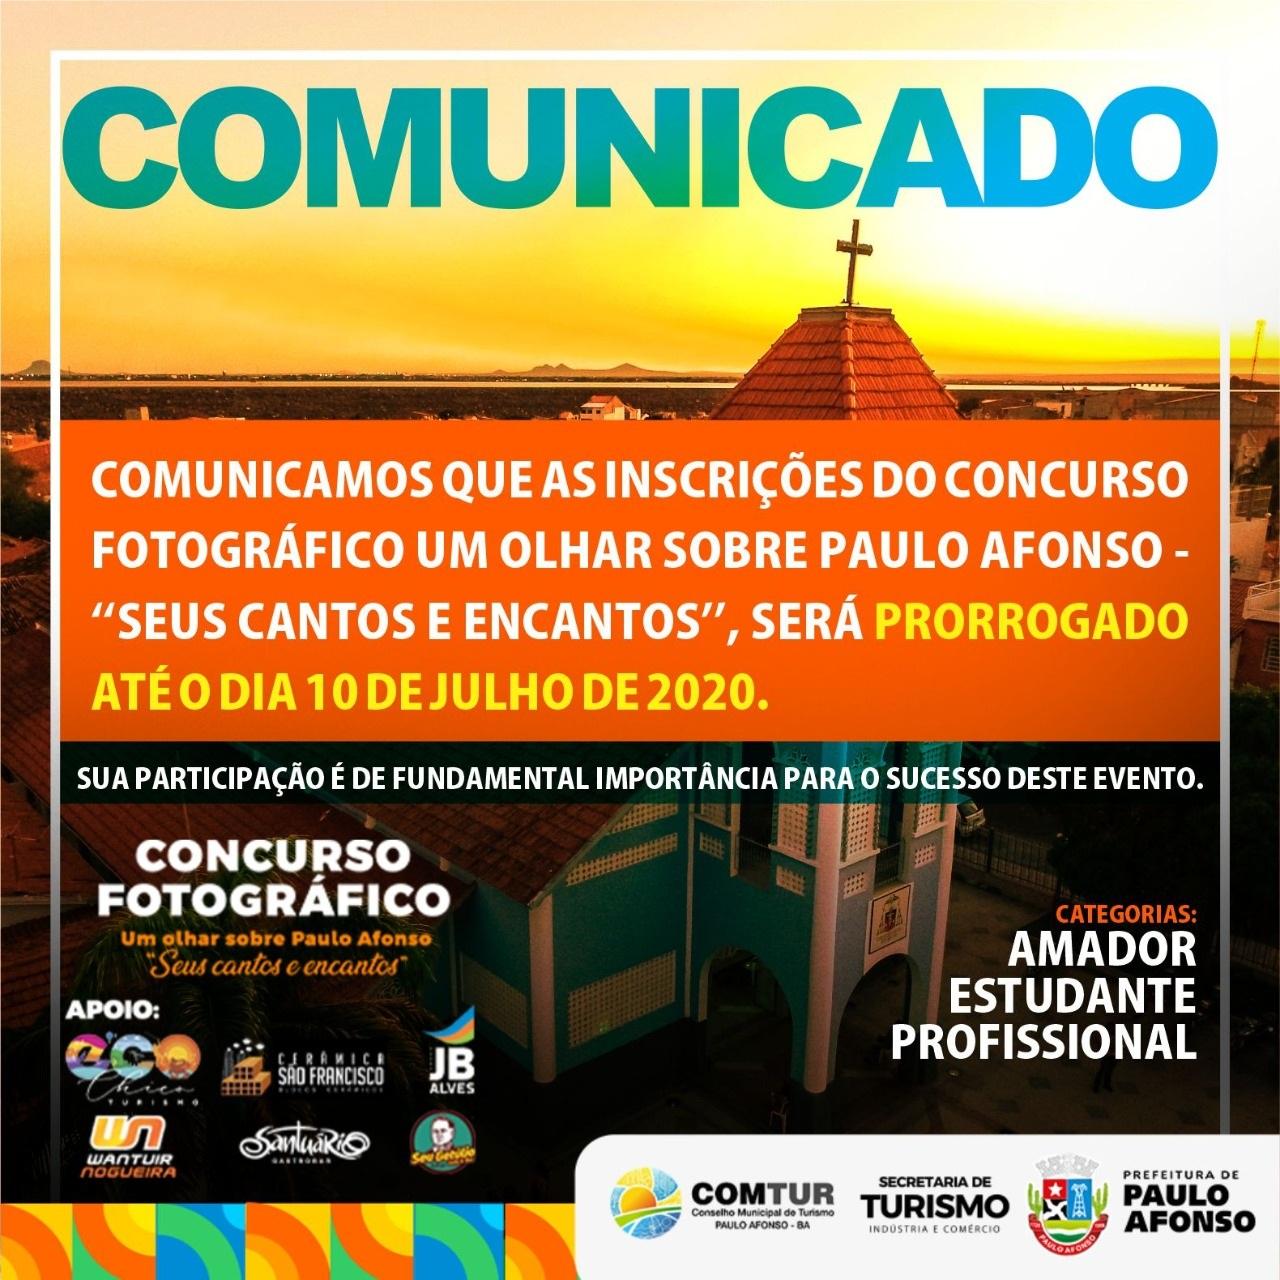 Concurso fotográfico da Secretaria de Turismo (SETIC) tem inscrições prorrogadas até 10 de julho